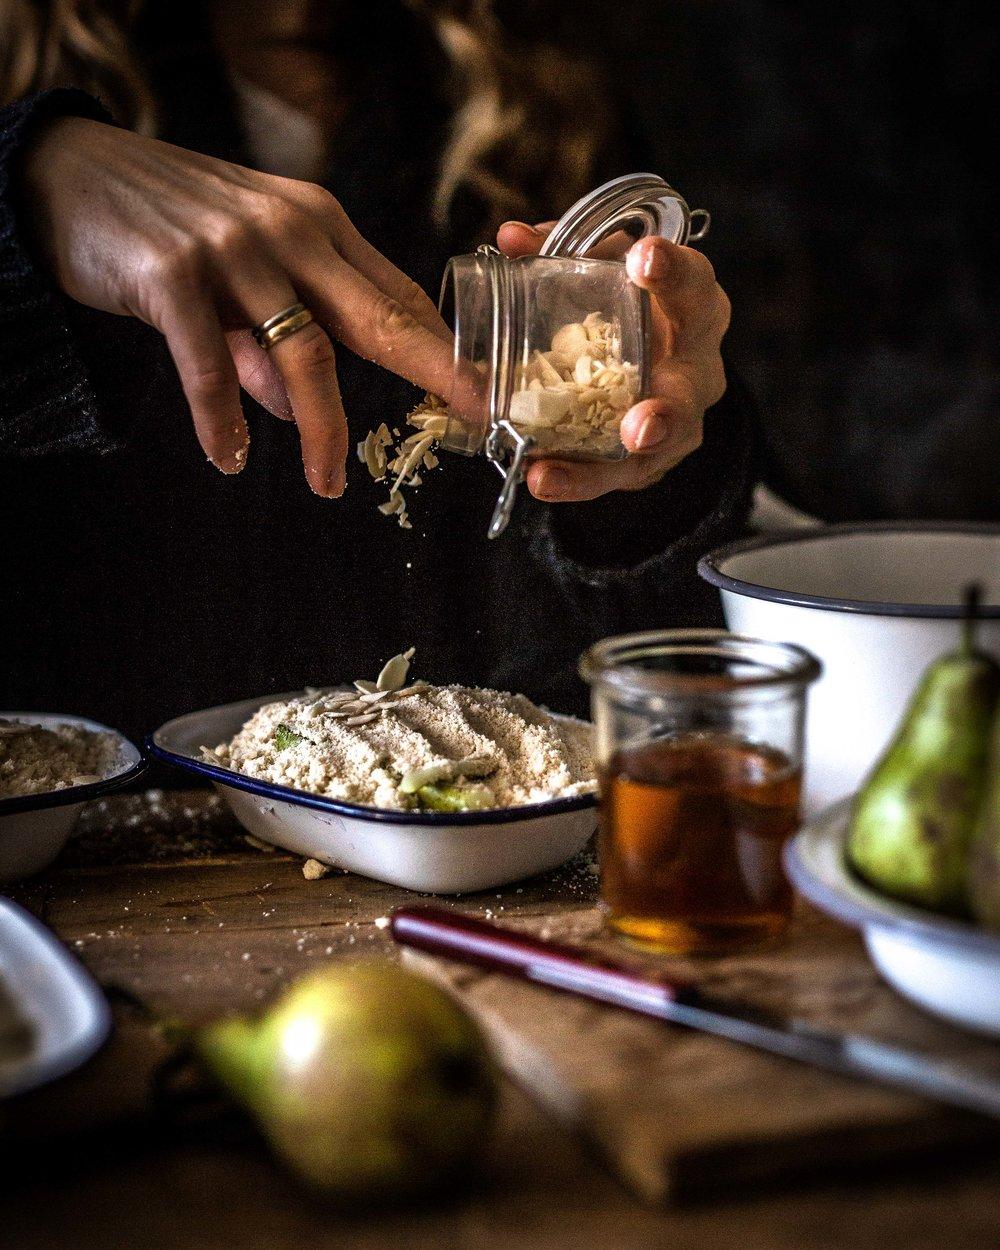 Der Betrachter hat das Gefühl, in der Küche dabei zustehen. Nur ein kleiner Handgriff und er könnte den Teig selber auf die Birnen streuen.